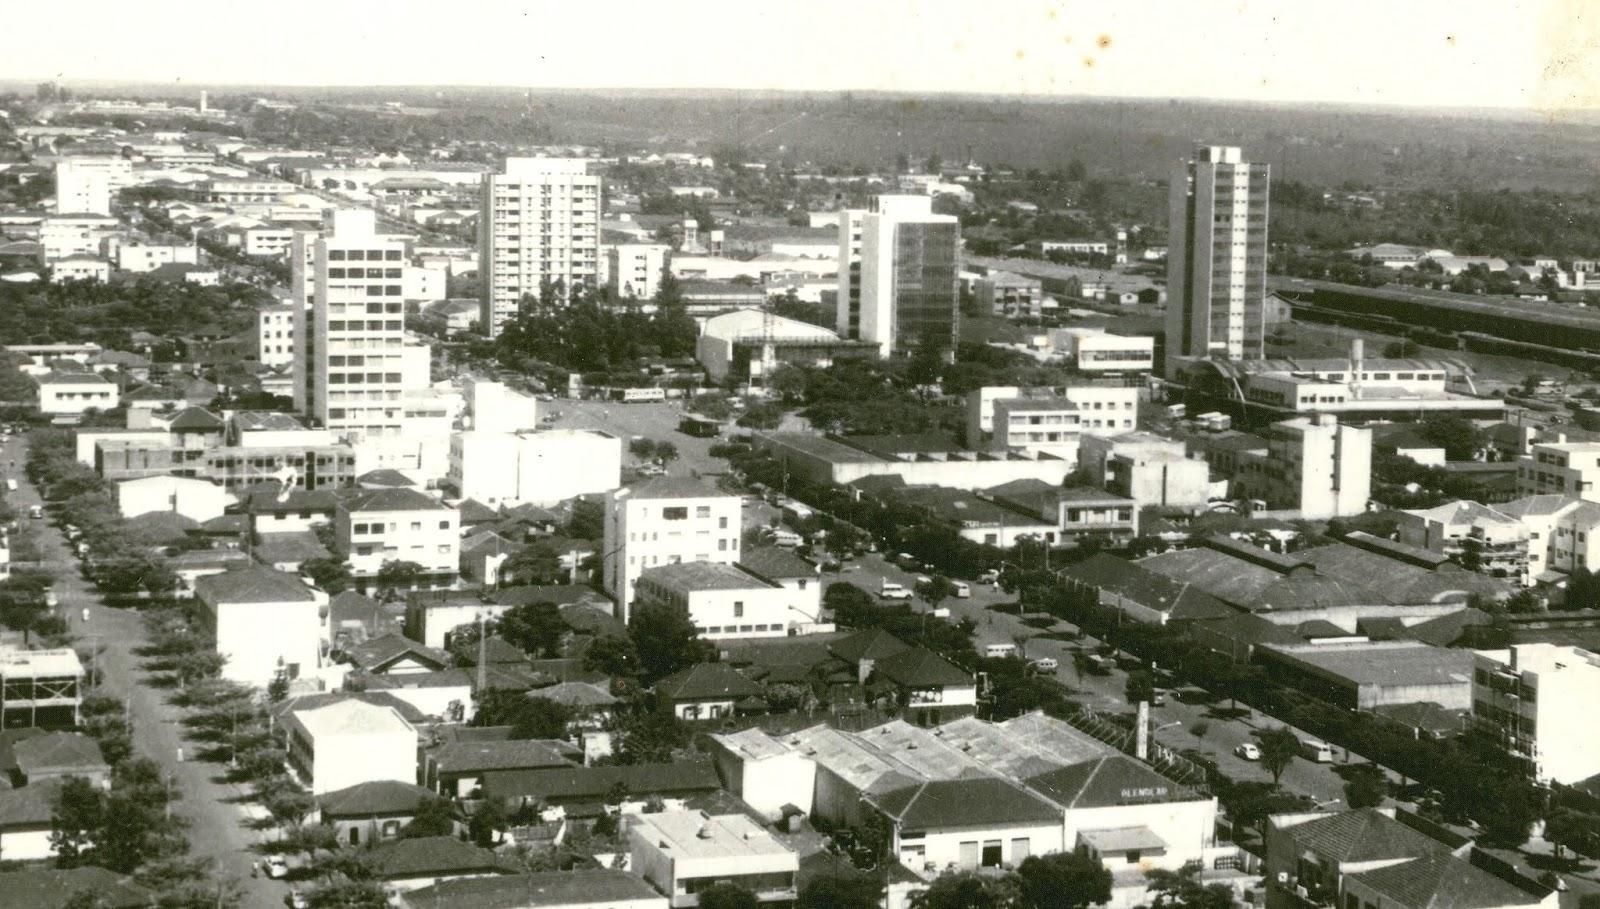 Vista aérea do centro - 1965